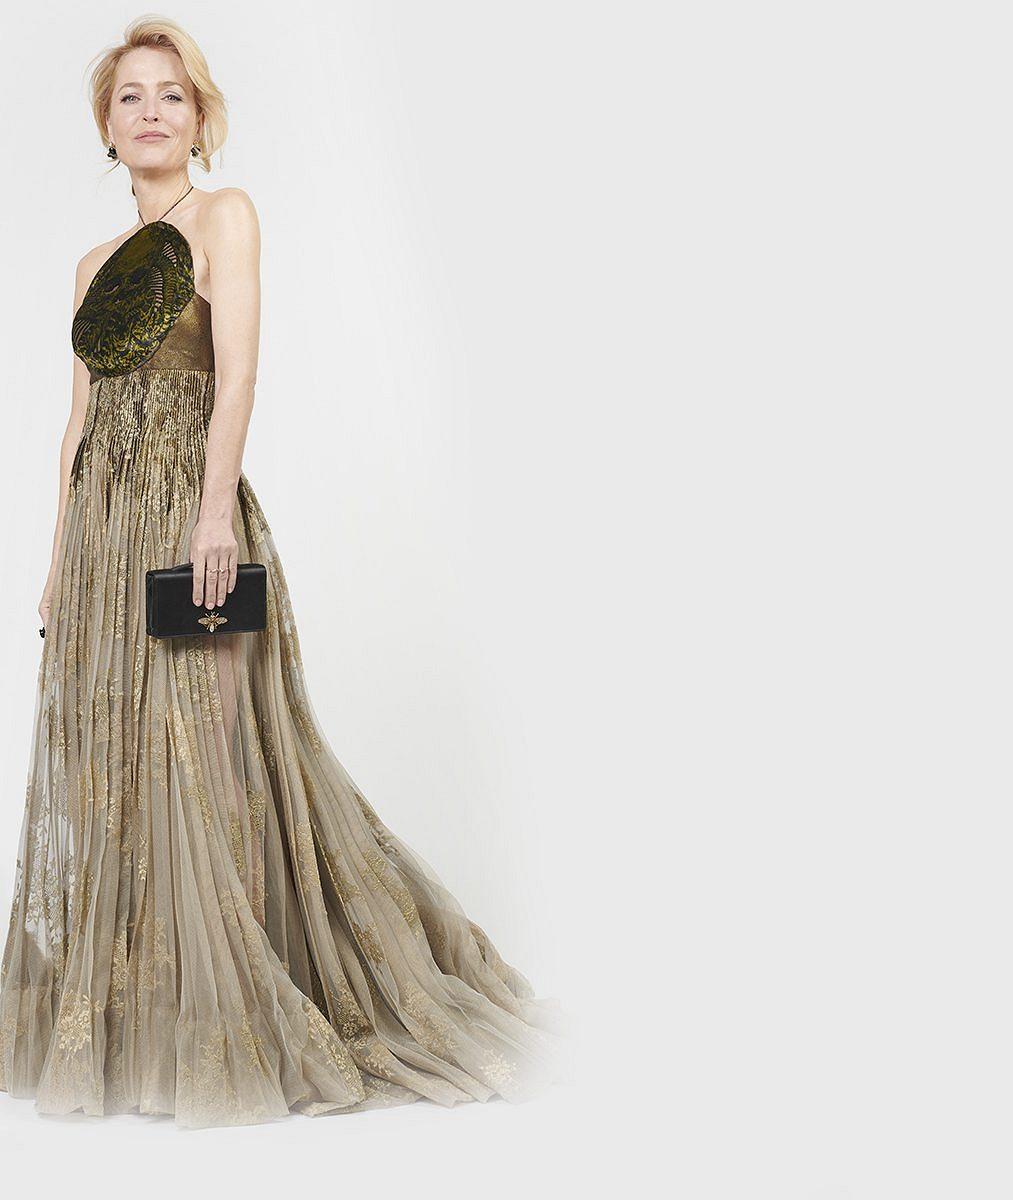 Vítězná Gillian Anderson se ke Zlatým glóbům připojila zpražského hotelu. Šaty od pasu nahoru vypadaly skvěle